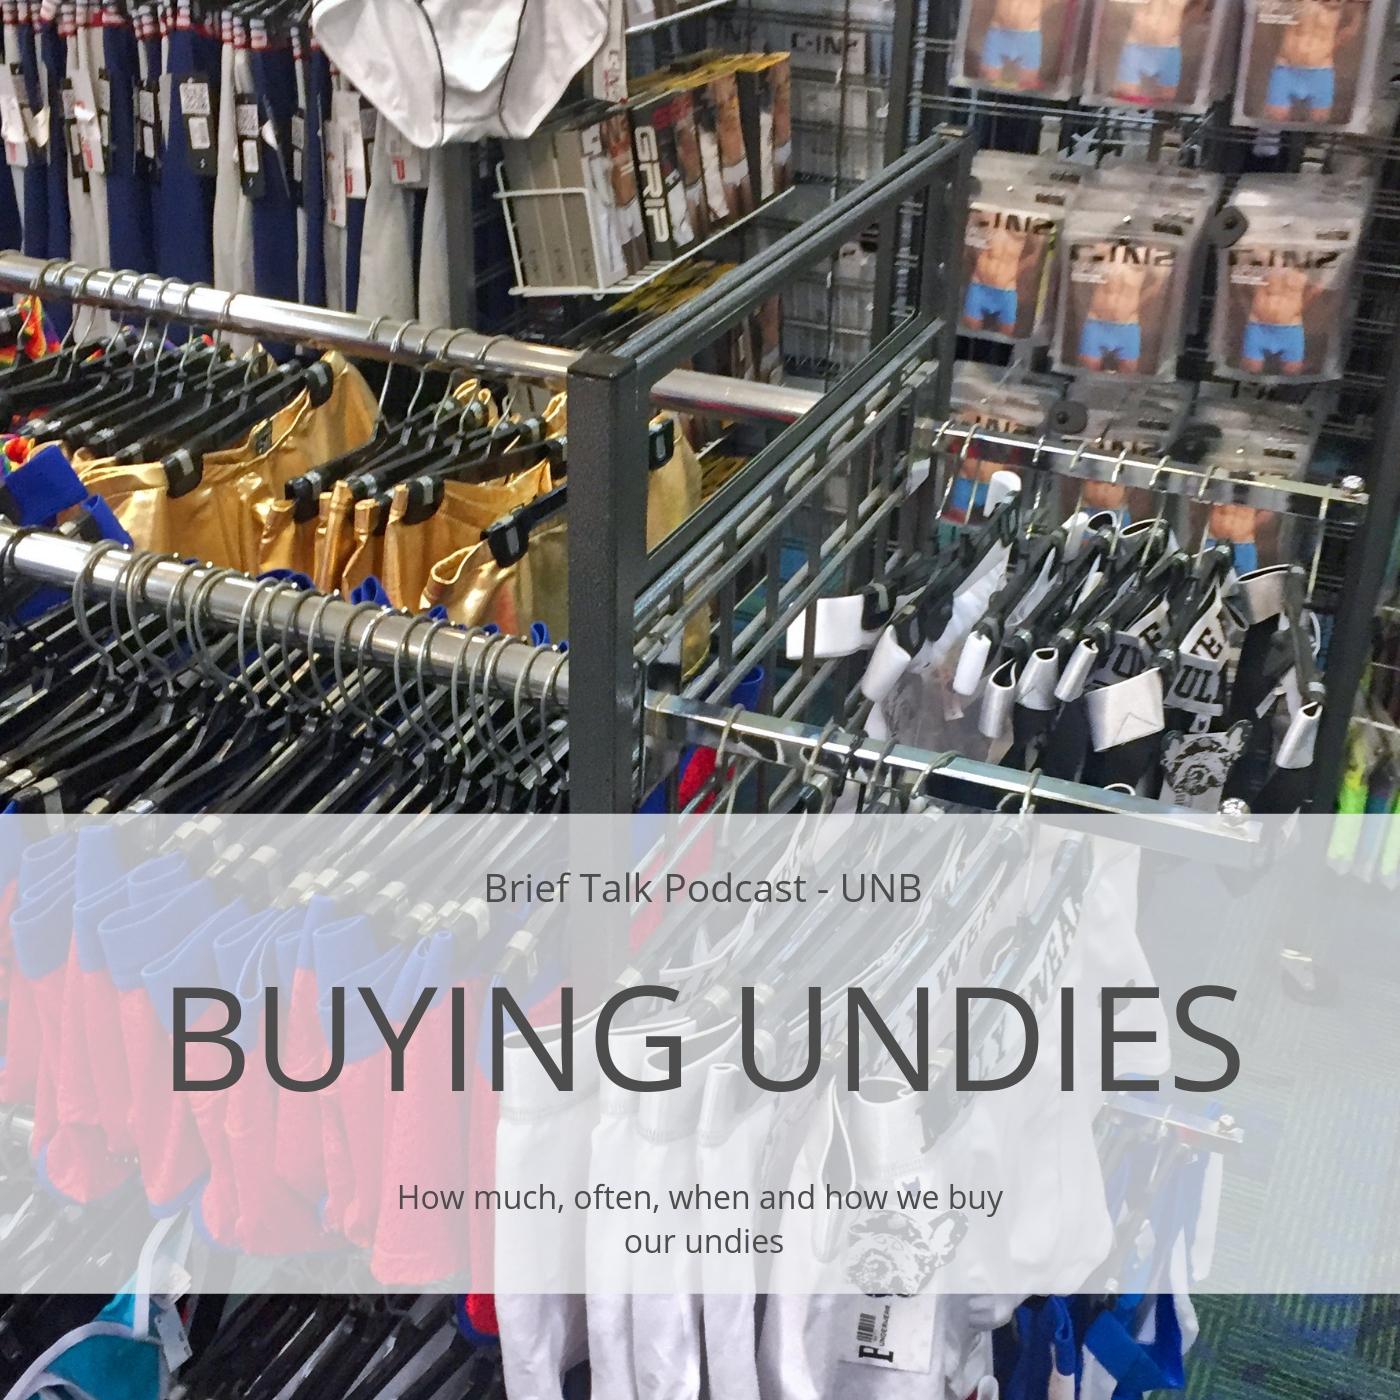 Brief Talk Podcast - Buying Underwear